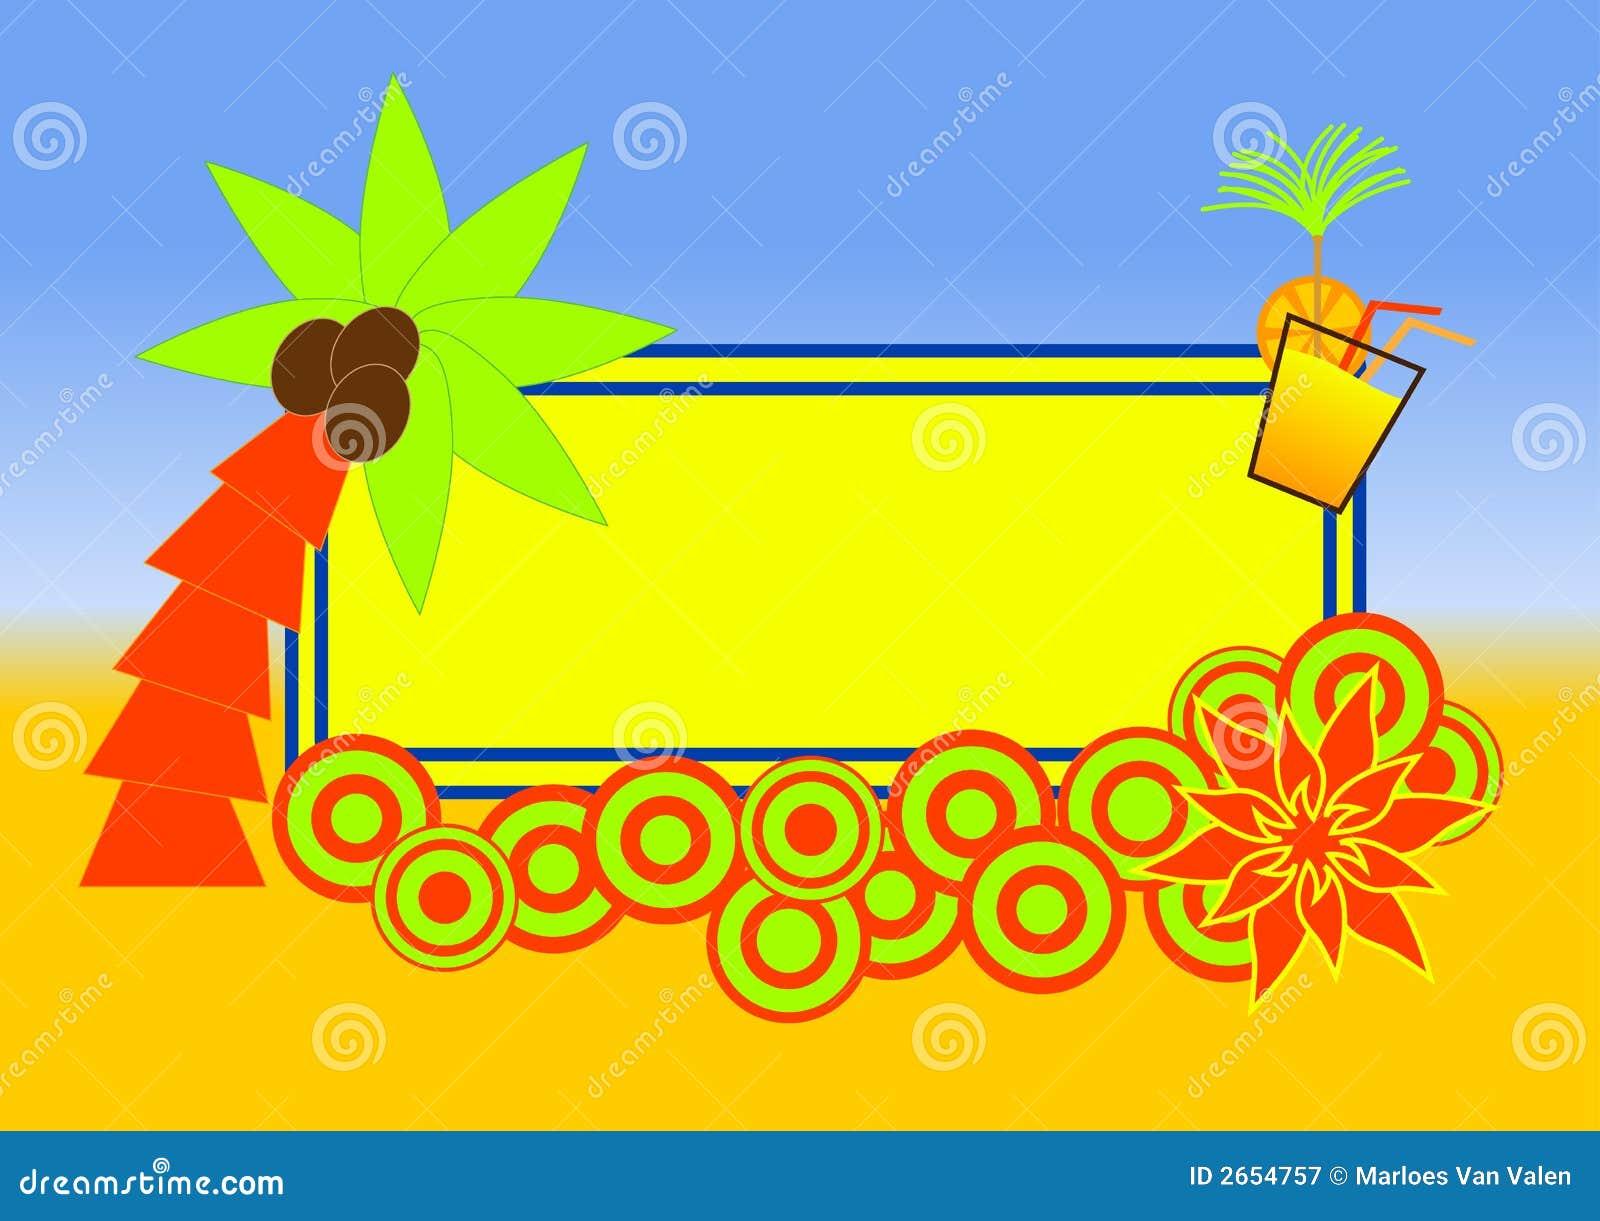 Disegno tropicale del contrassegno della spiaggia for Disegno della casa sulla spiaggia